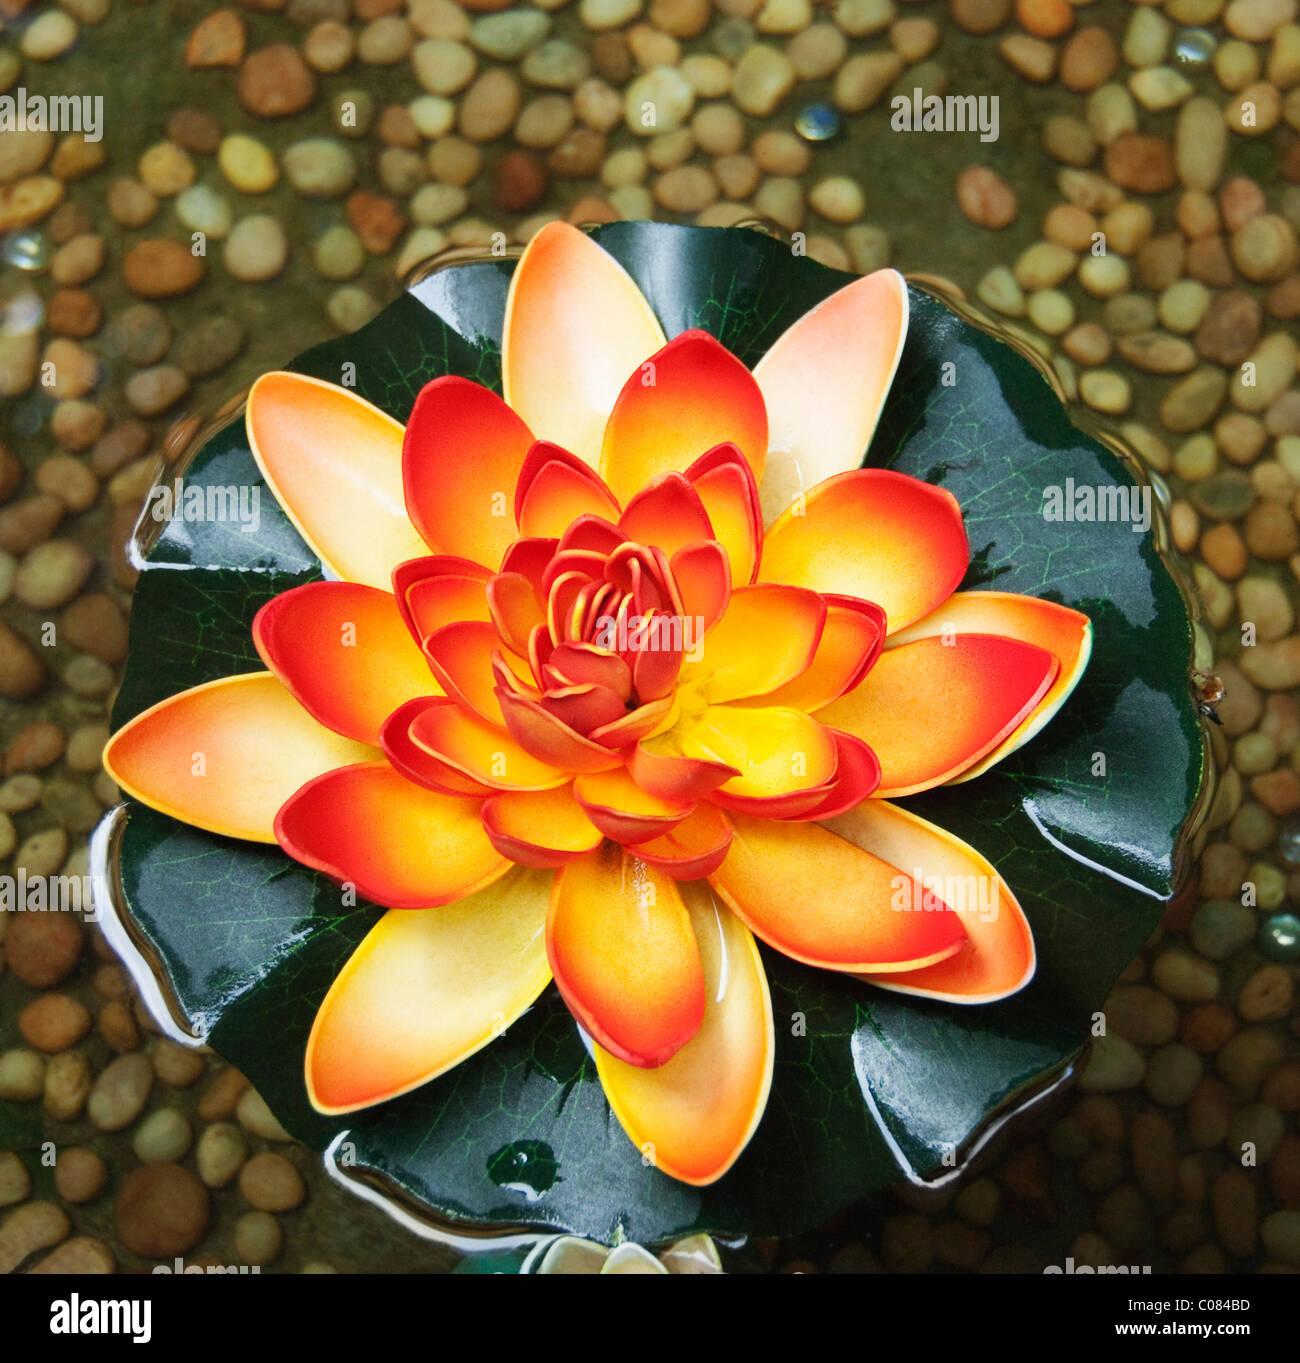 Grande ângulo de visão de uma flor de lótus, Tirupati, Andhra Pradesh, Índia Imagens de Stock